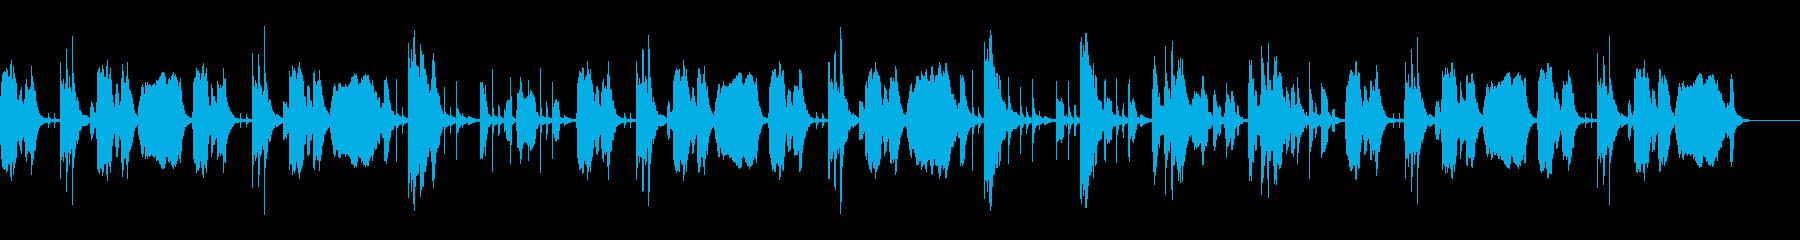 YouTube おとぼけトークBGM。の再生済みの波形